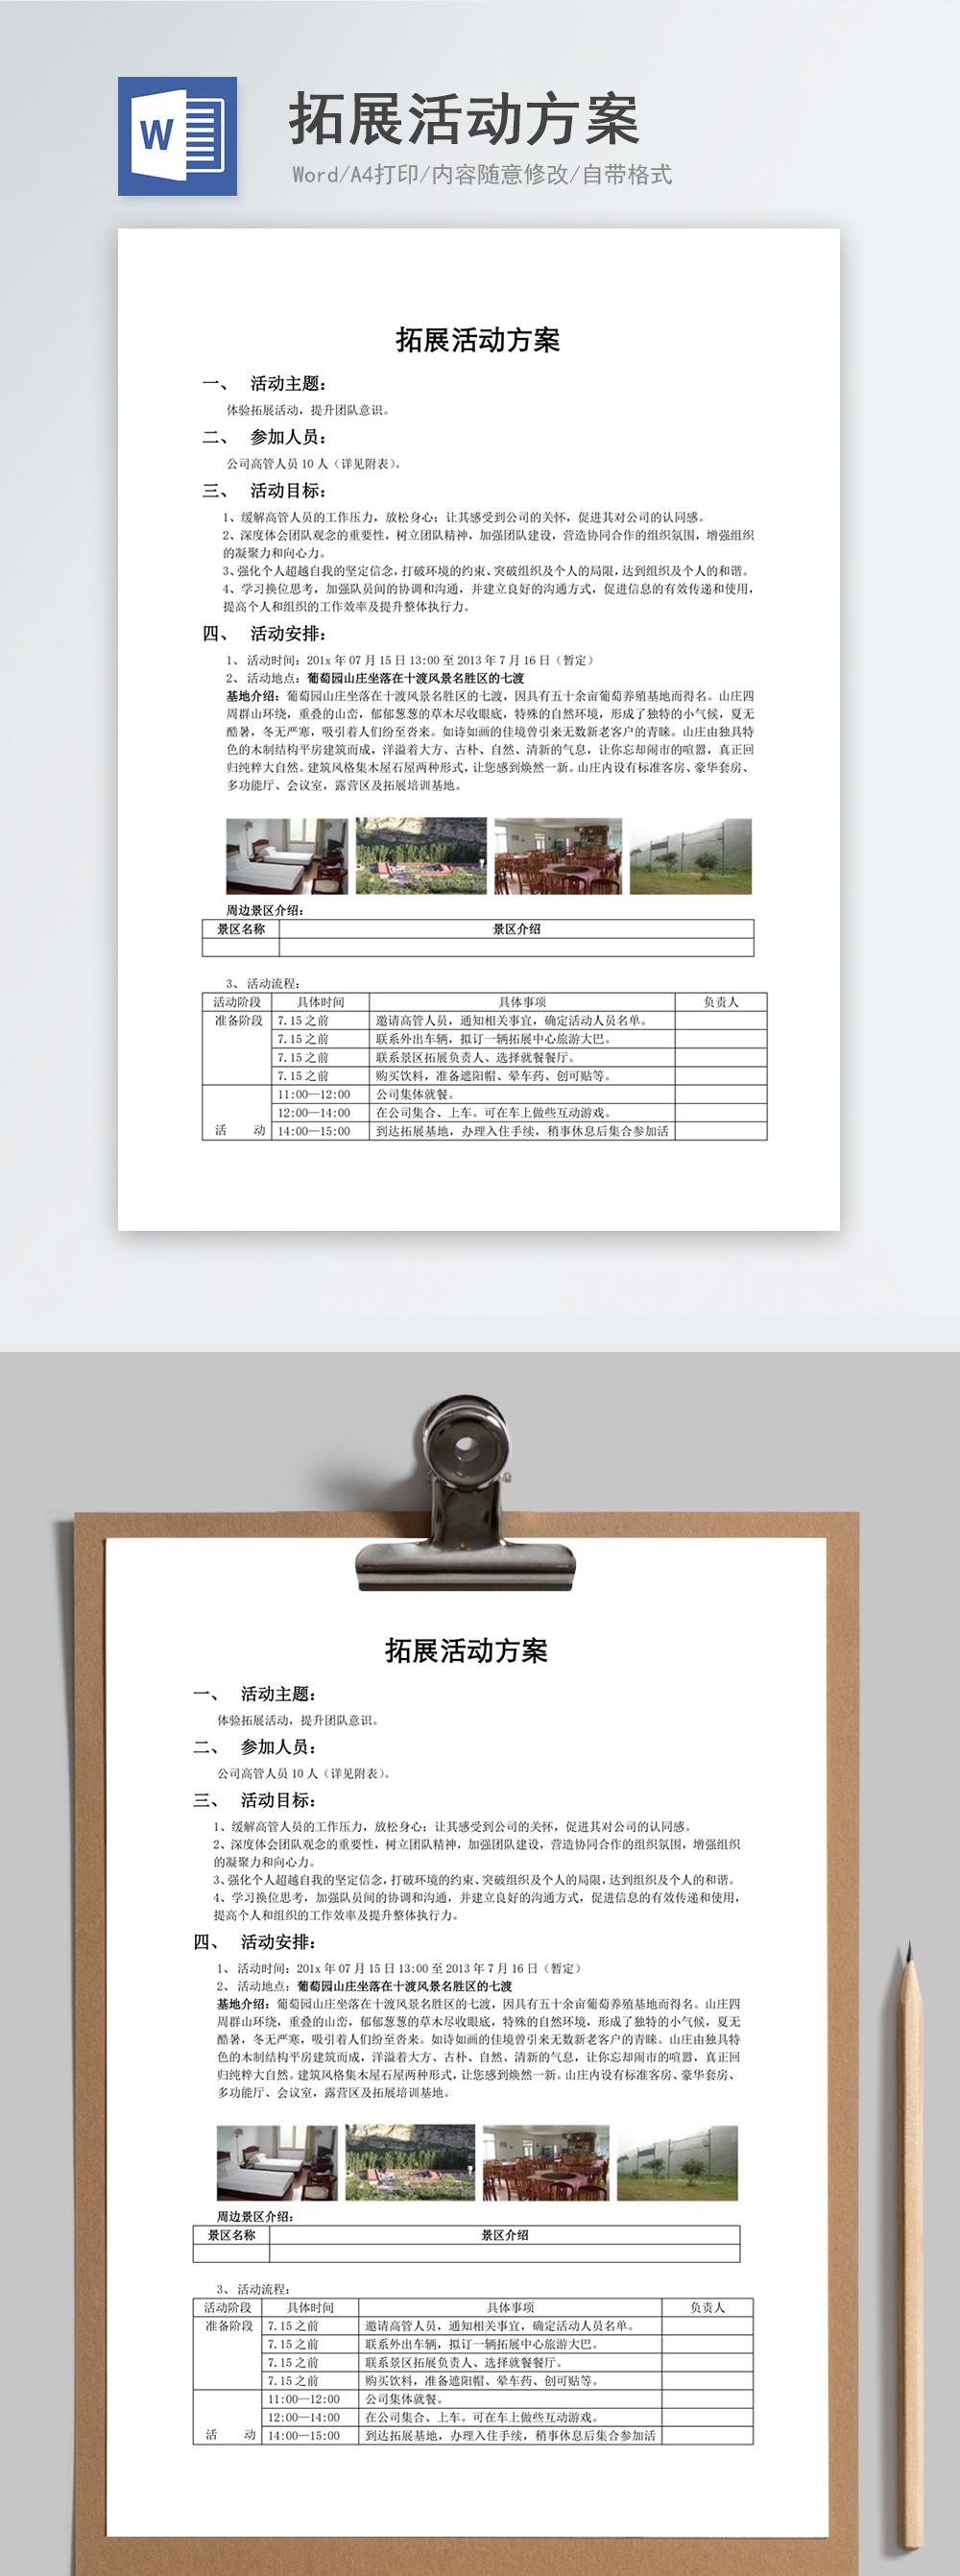 人事管理拓展活动方案word文档图片